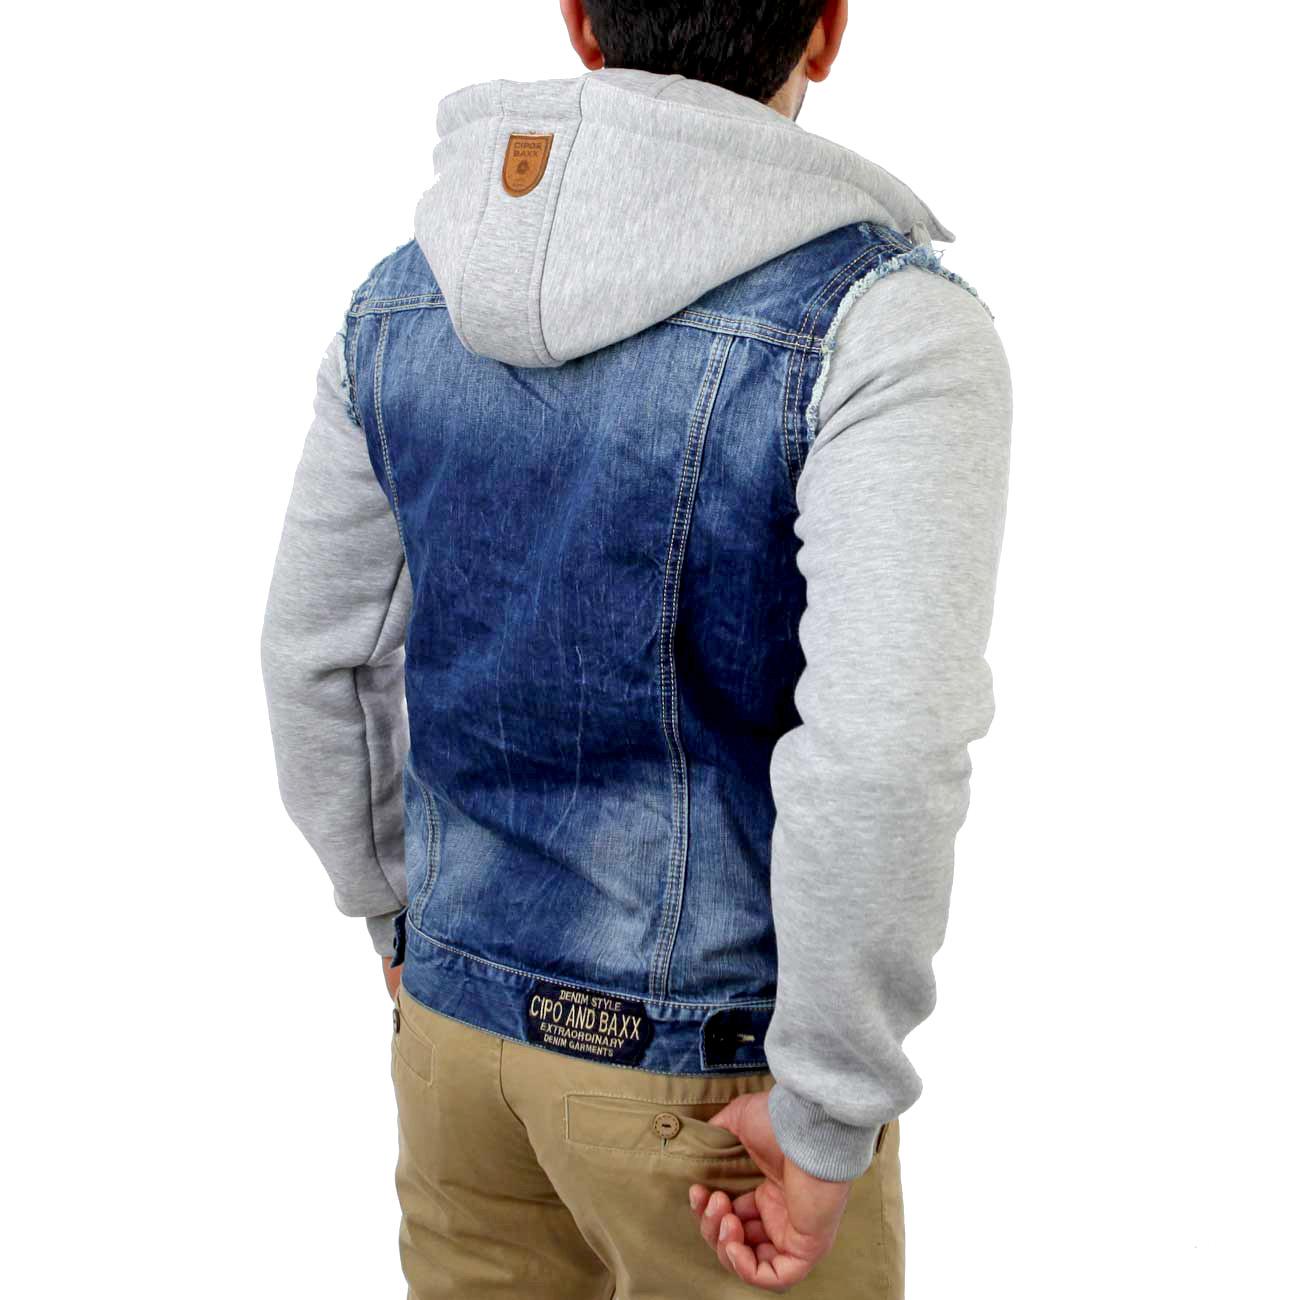 cipo baxx c 1294 herren 2in1 jeansjacke jeans jacke sweatjacke hoody pullover ebay. Black Bedroom Furniture Sets. Home Design Ideas